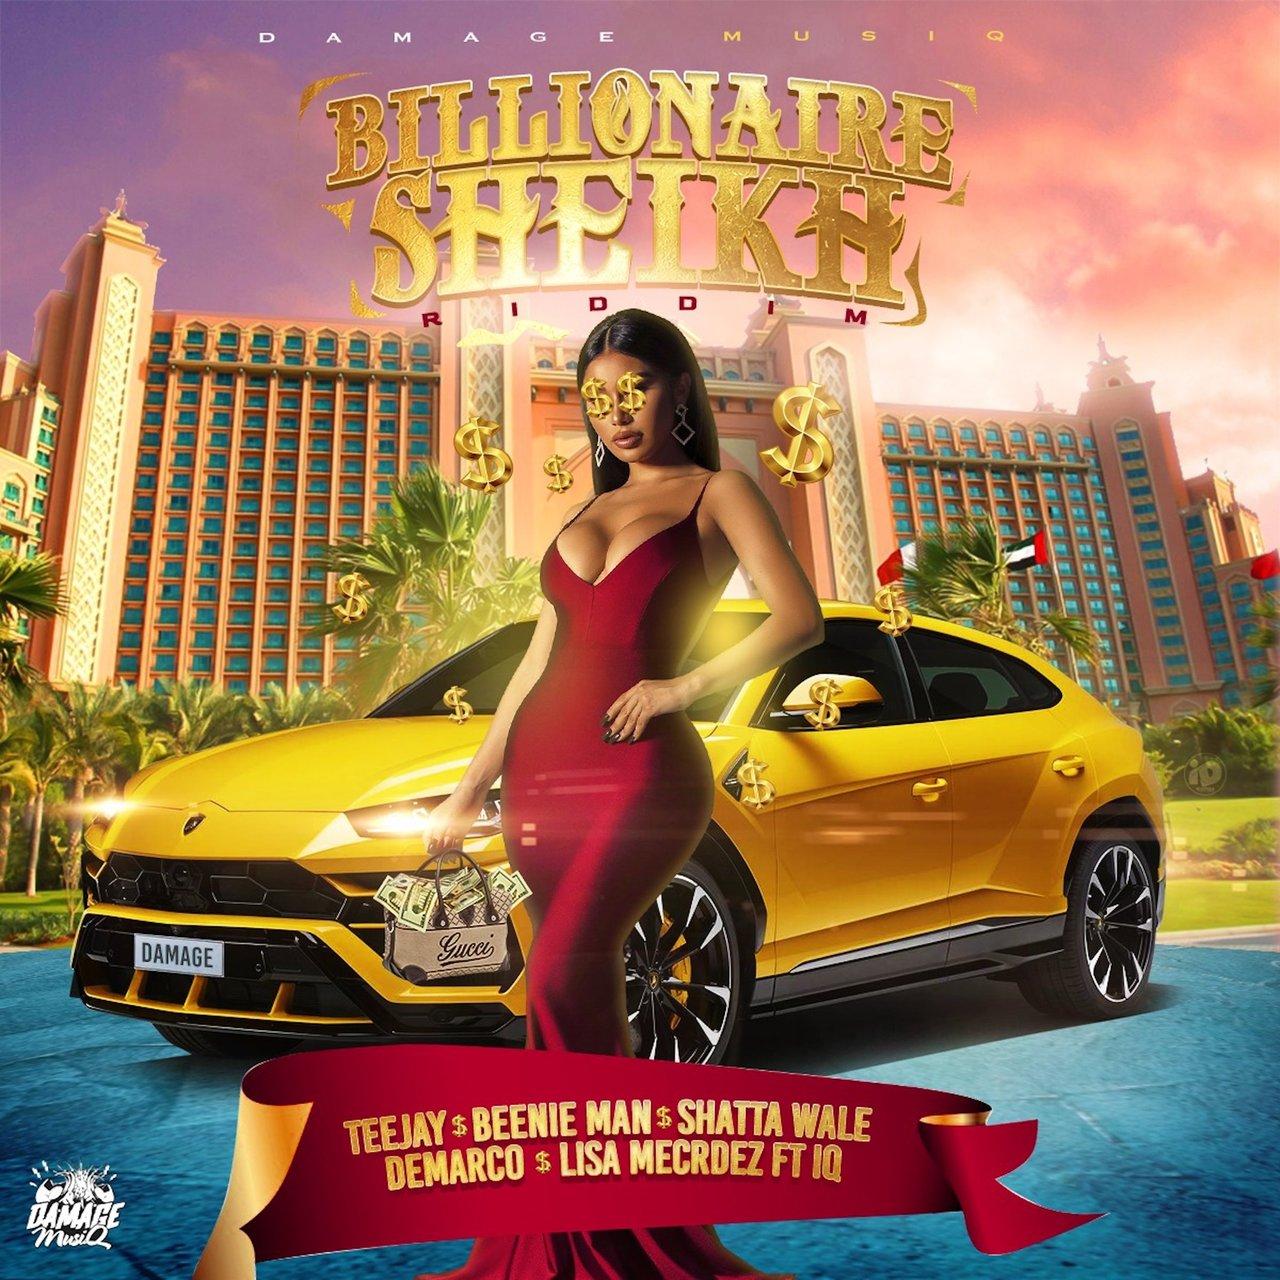 Billionaire Sheikh Riddim (Cover)